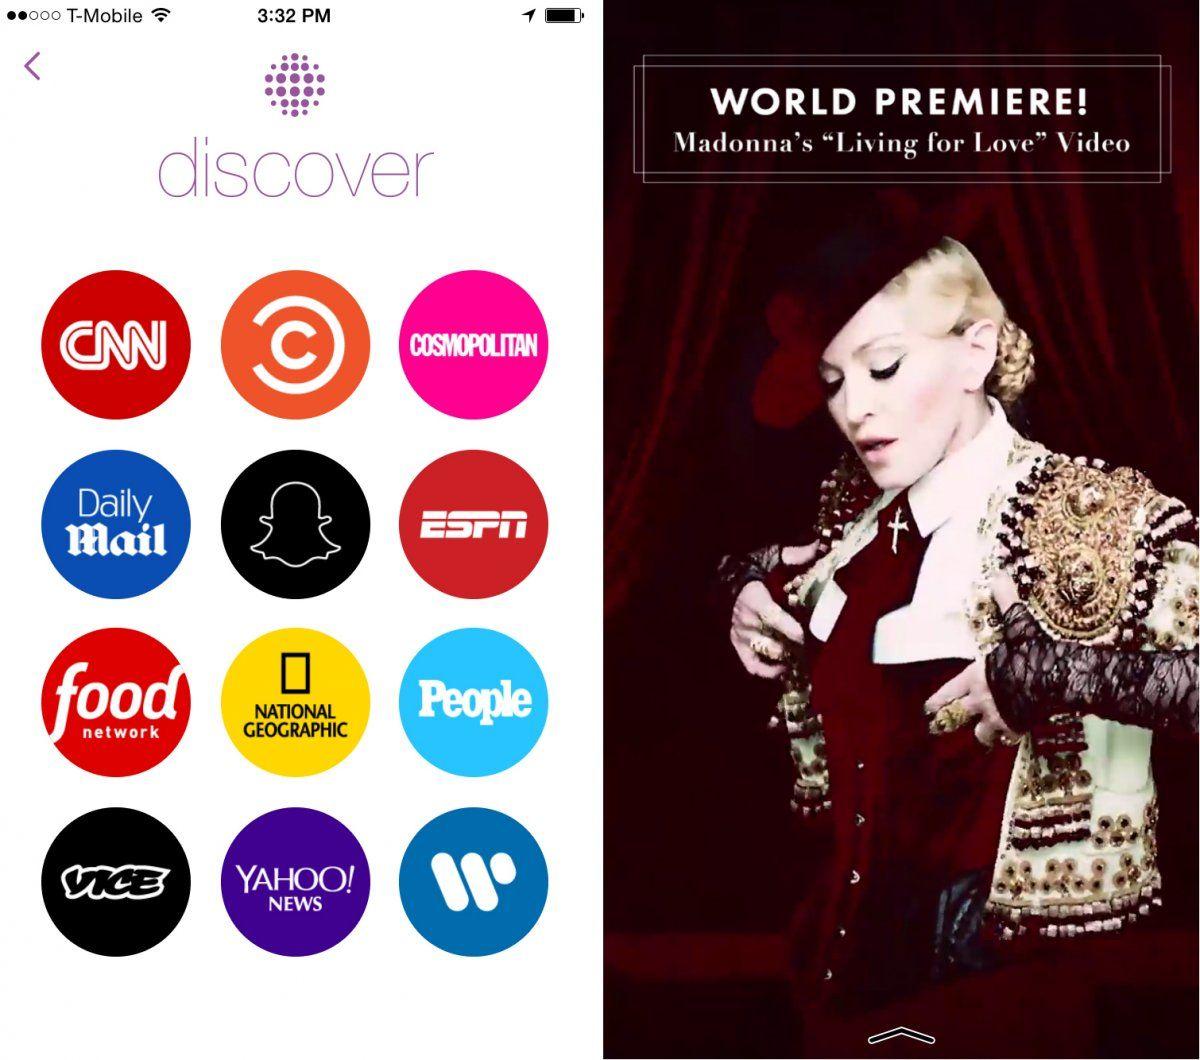 Snapchat Madonna nouveau clip